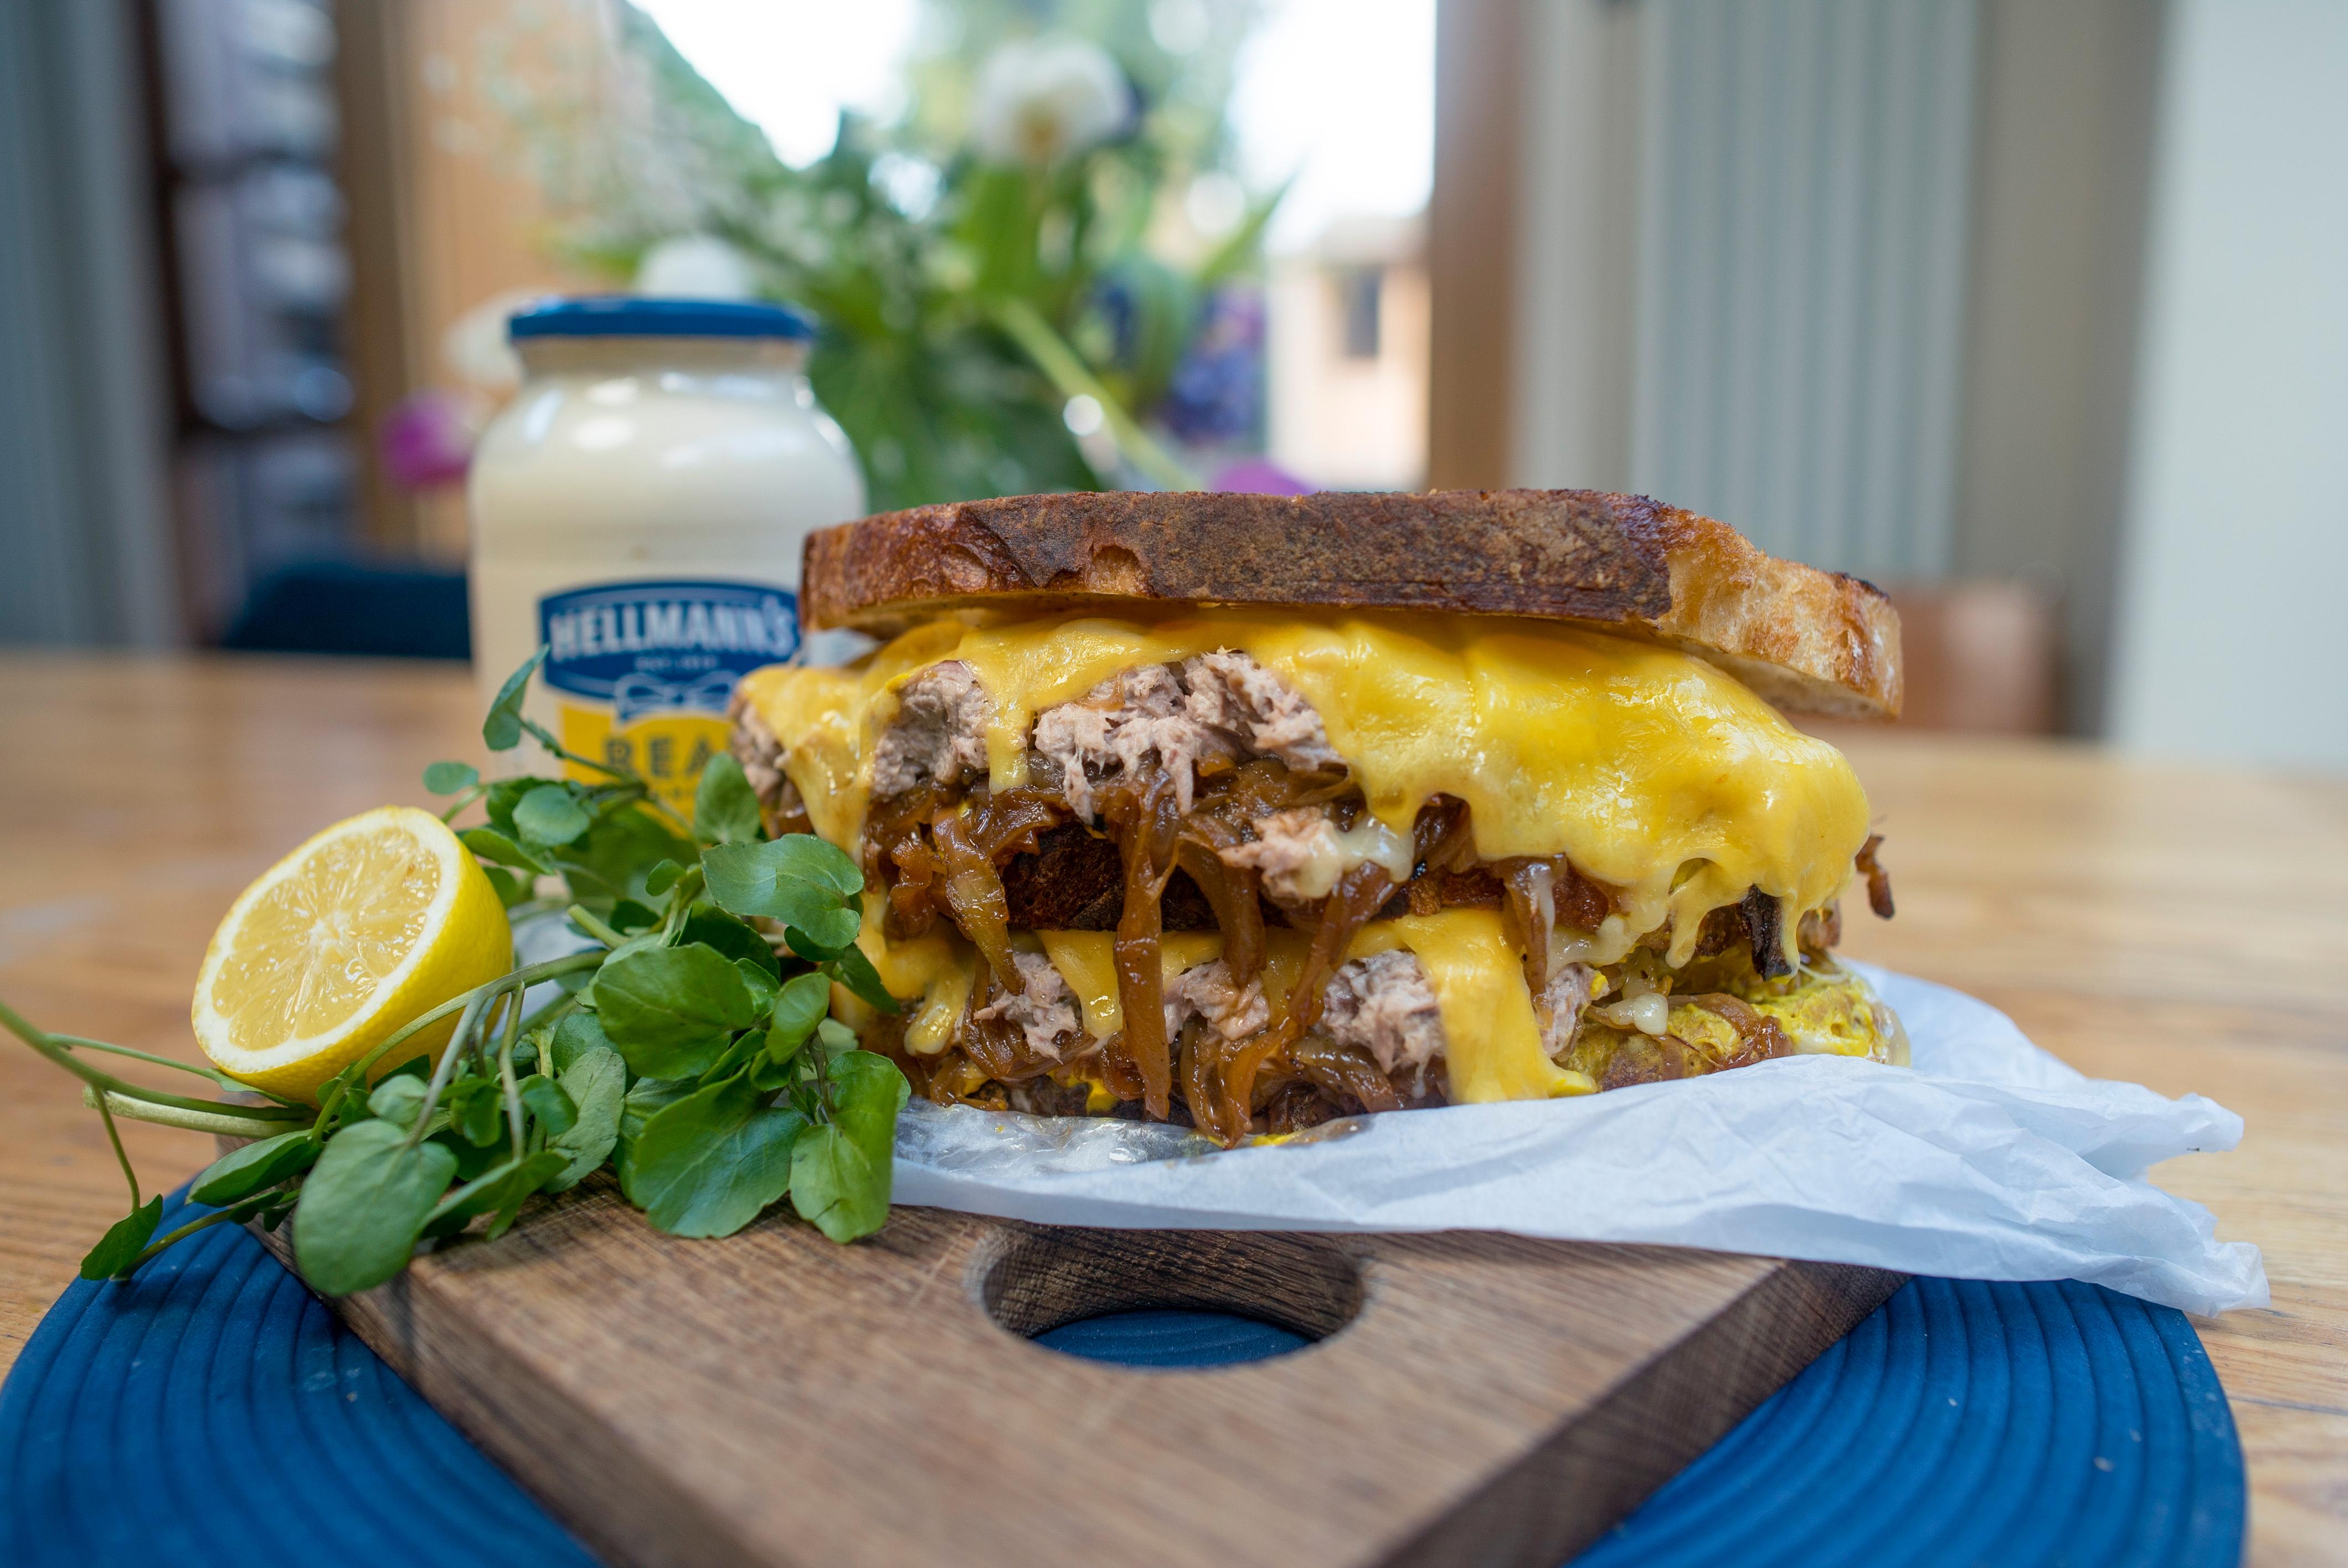 Thunfisch Sandwich mit Schmelz-Zwiebeln